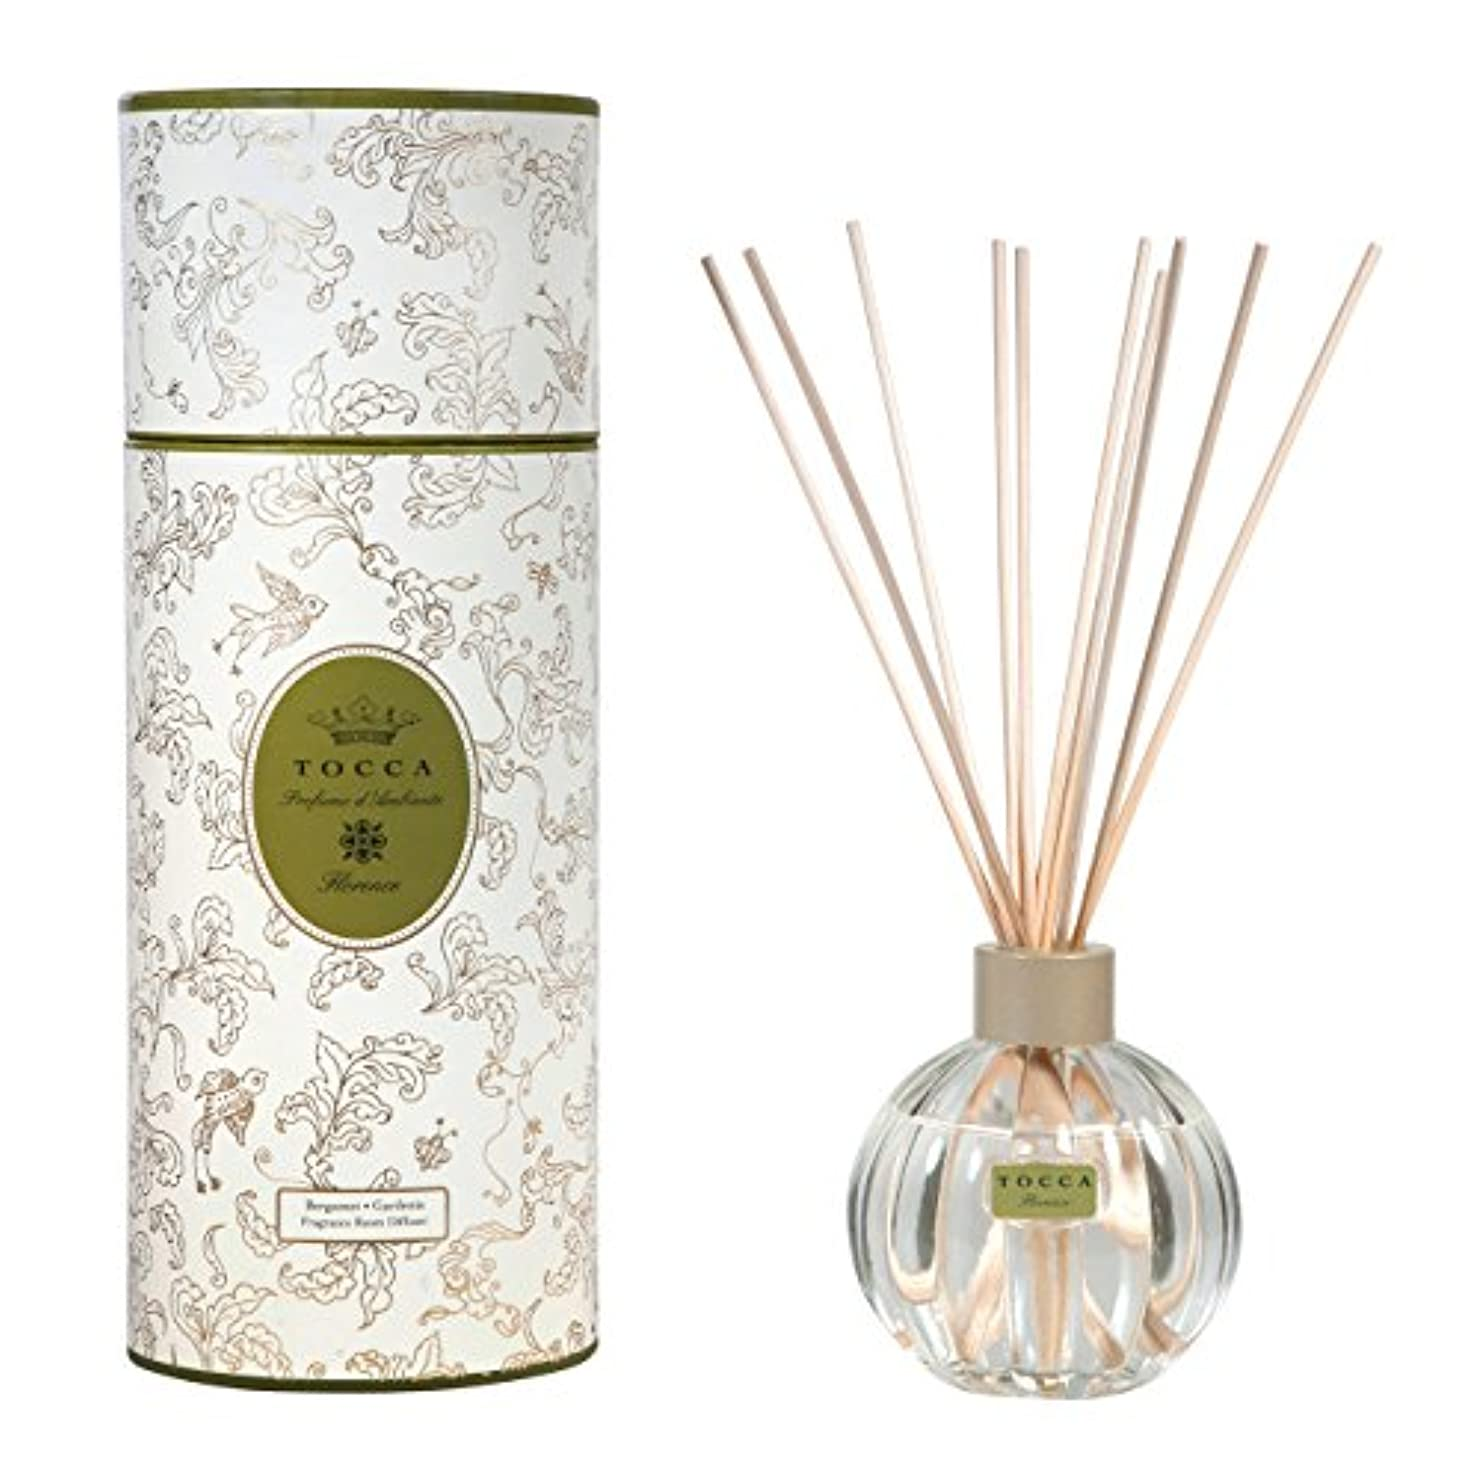 顧問残りパークトッカ(TOCCA) リードディフューザー フローレンスの香り 175ml 3~4ヶ月持続(芳香剤 ルームフレグランス ガーデニアとベルガモットが誘うように溶け合うどこまでも上品なフローラルの香り)